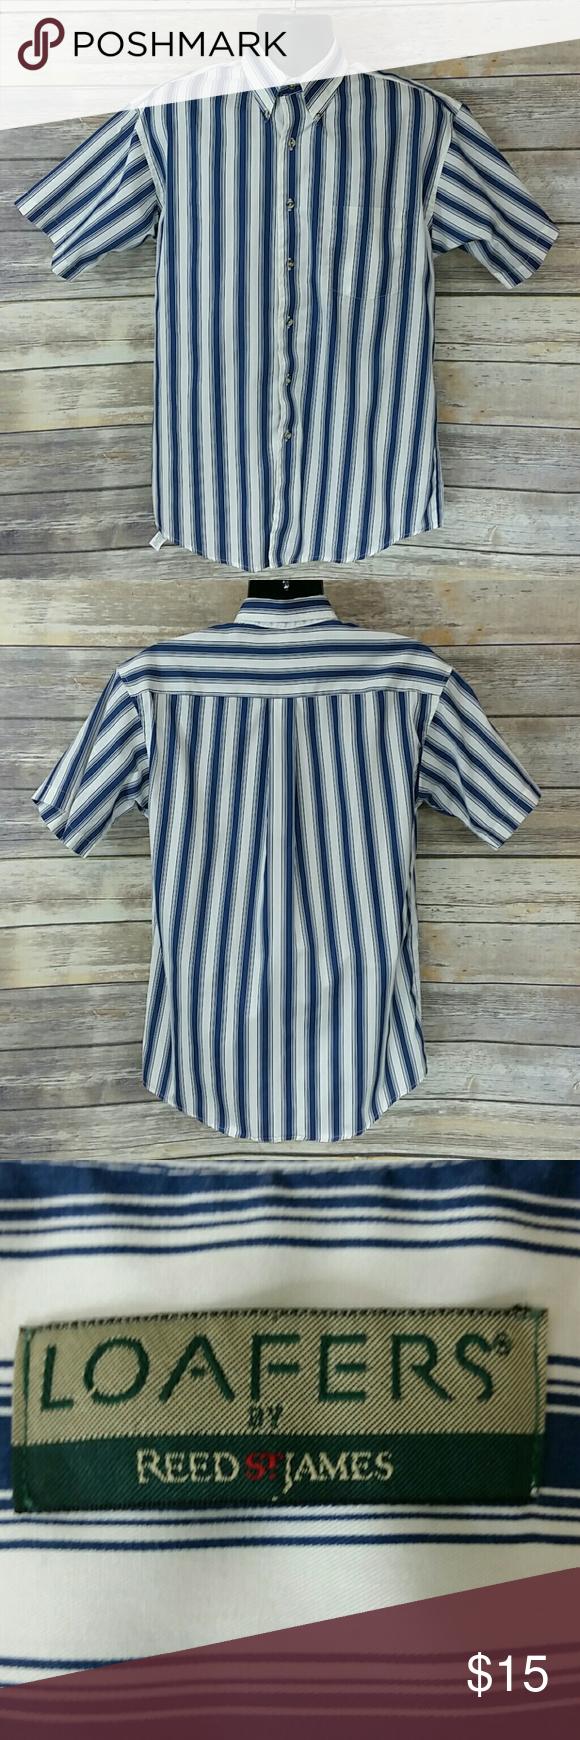 Menus short sleeved button up dress shirt dress shirts short